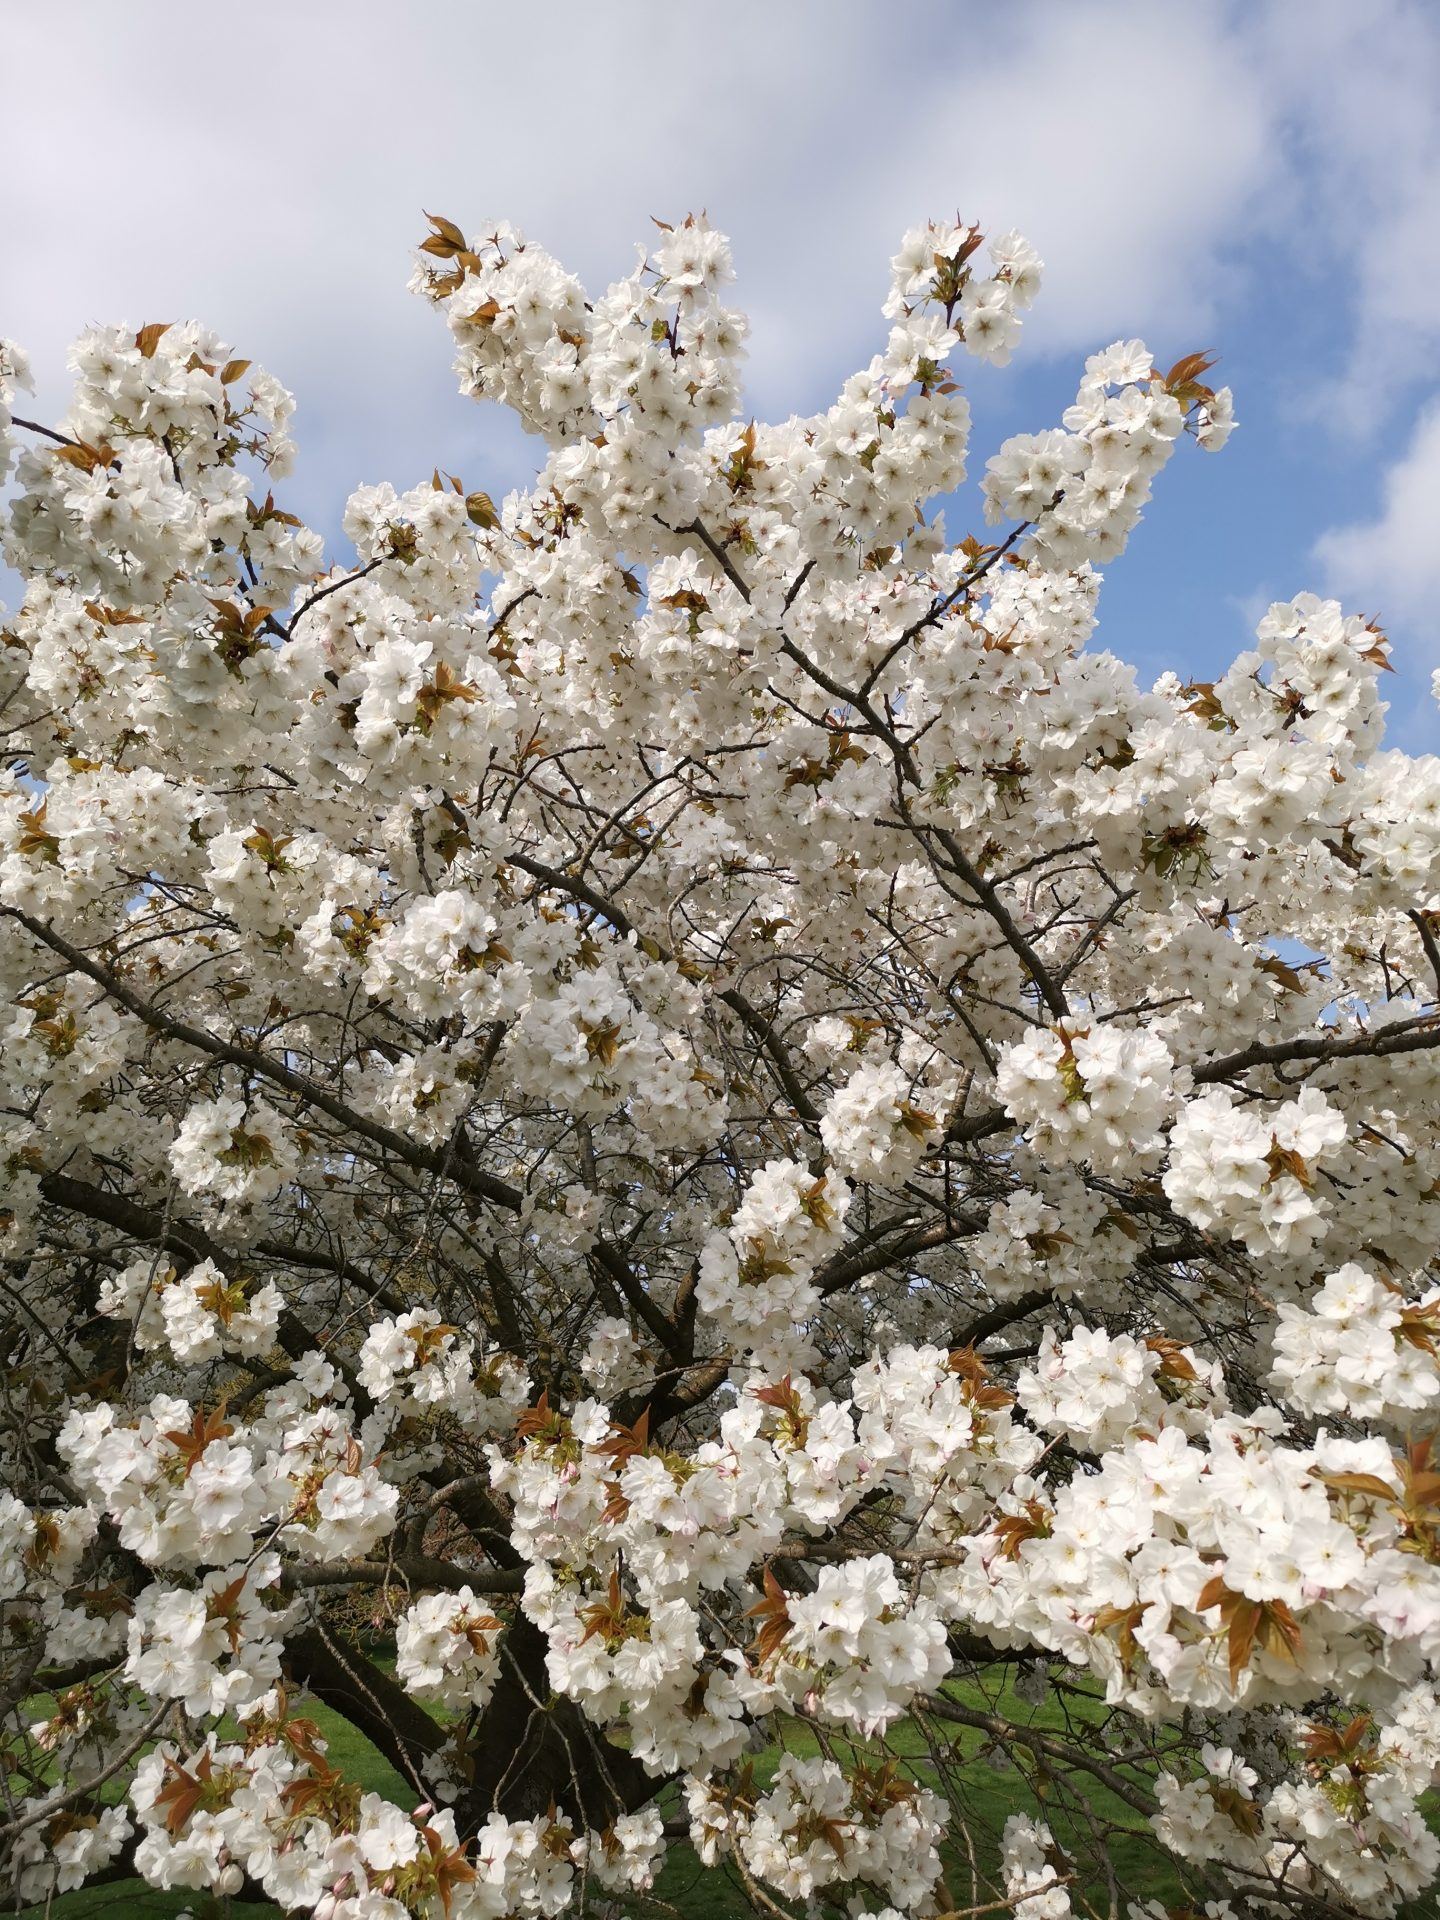 Kew garden flowers